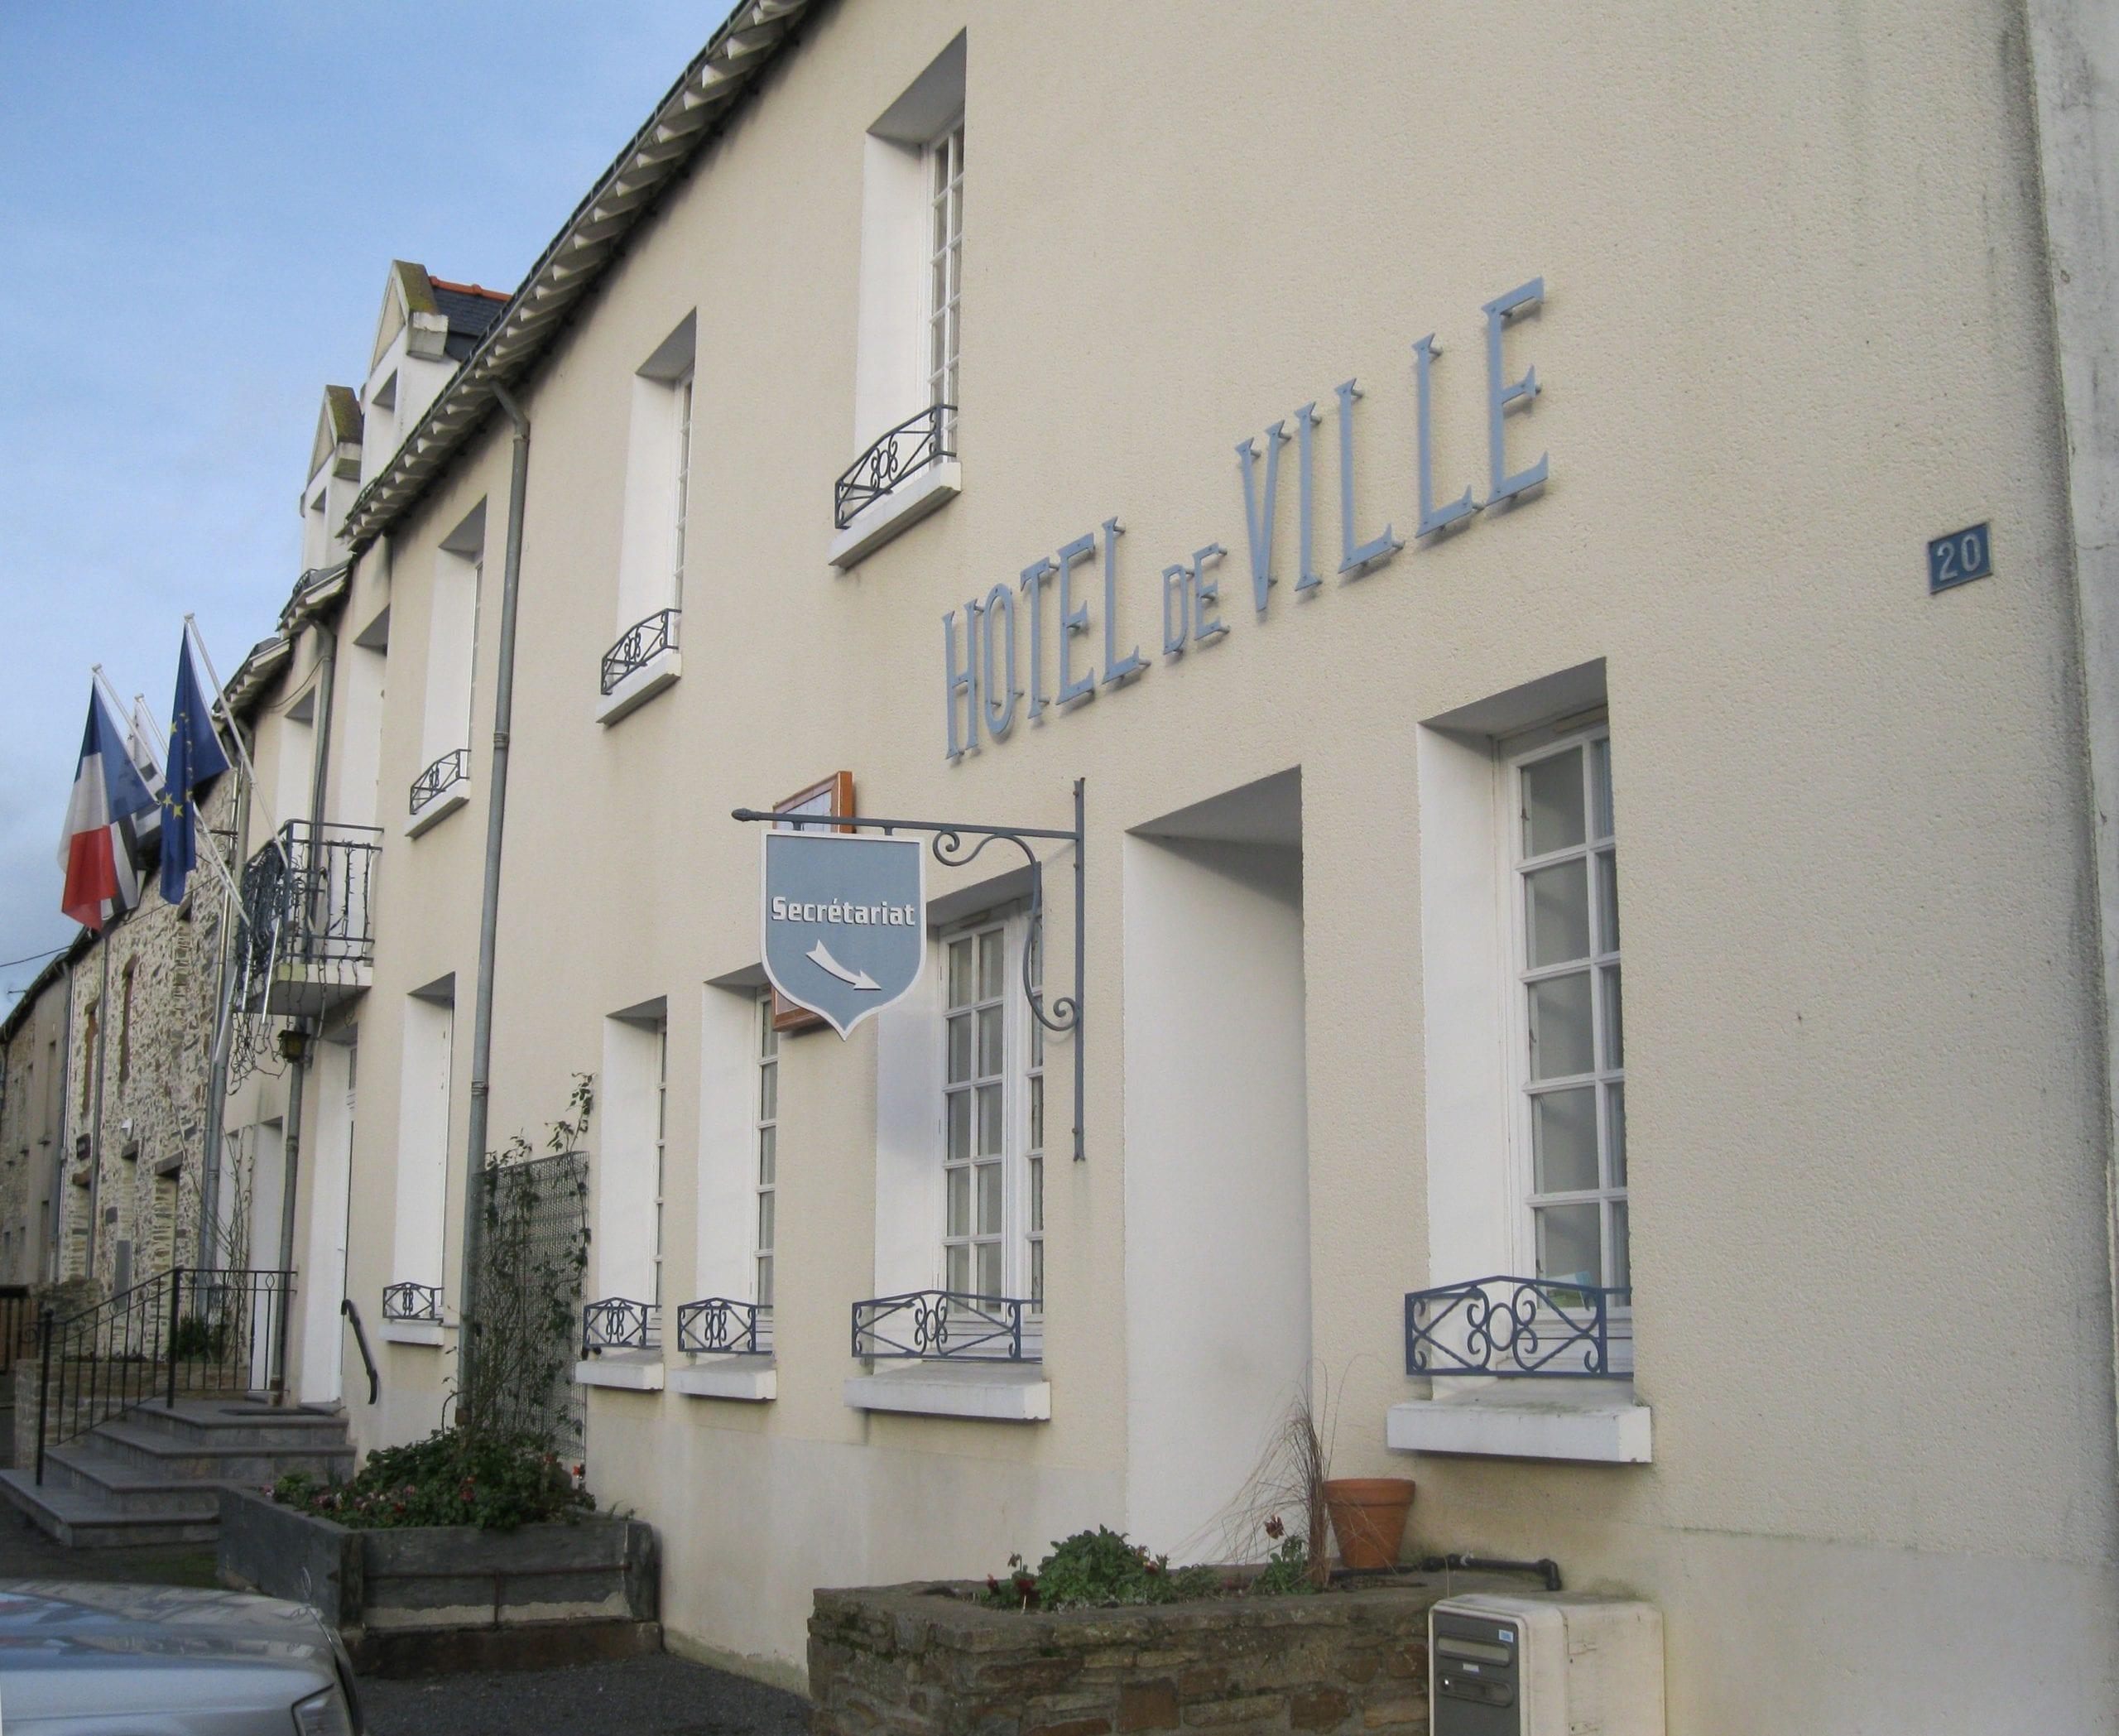 Hôtel de Ville de Le Gâvre